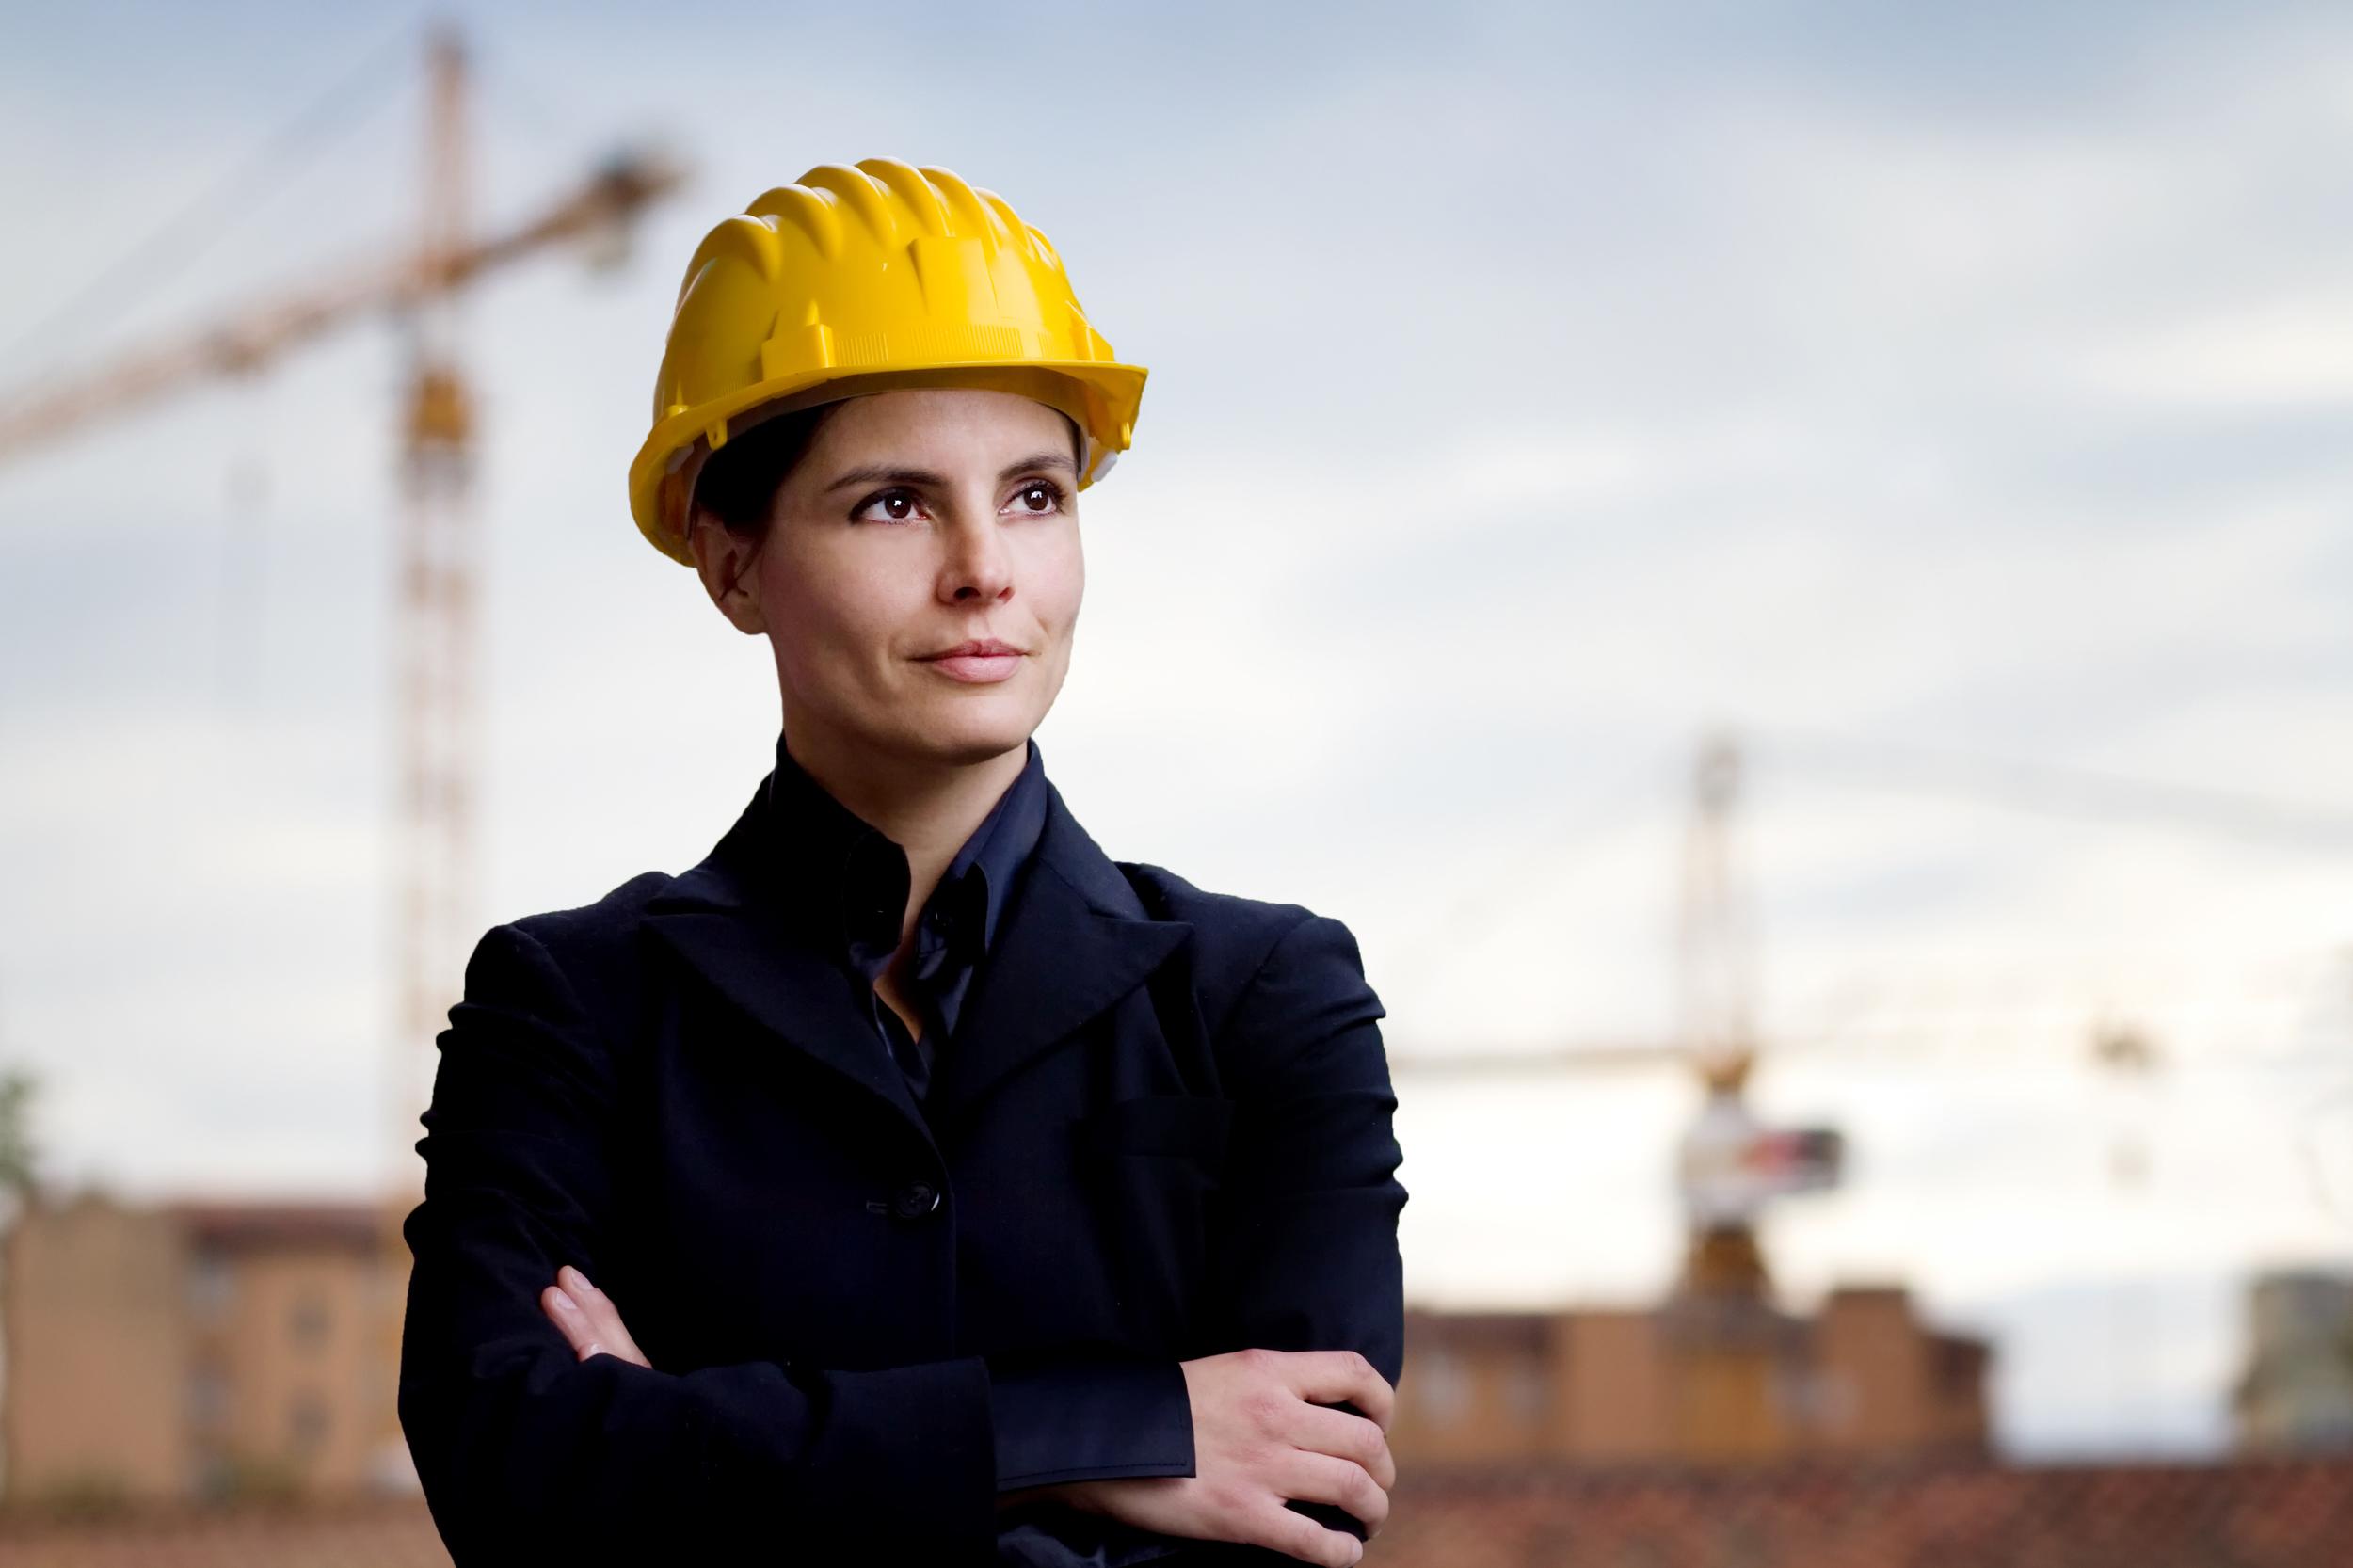 O que leva uma mulher a desistir da carreira na Engenharia?